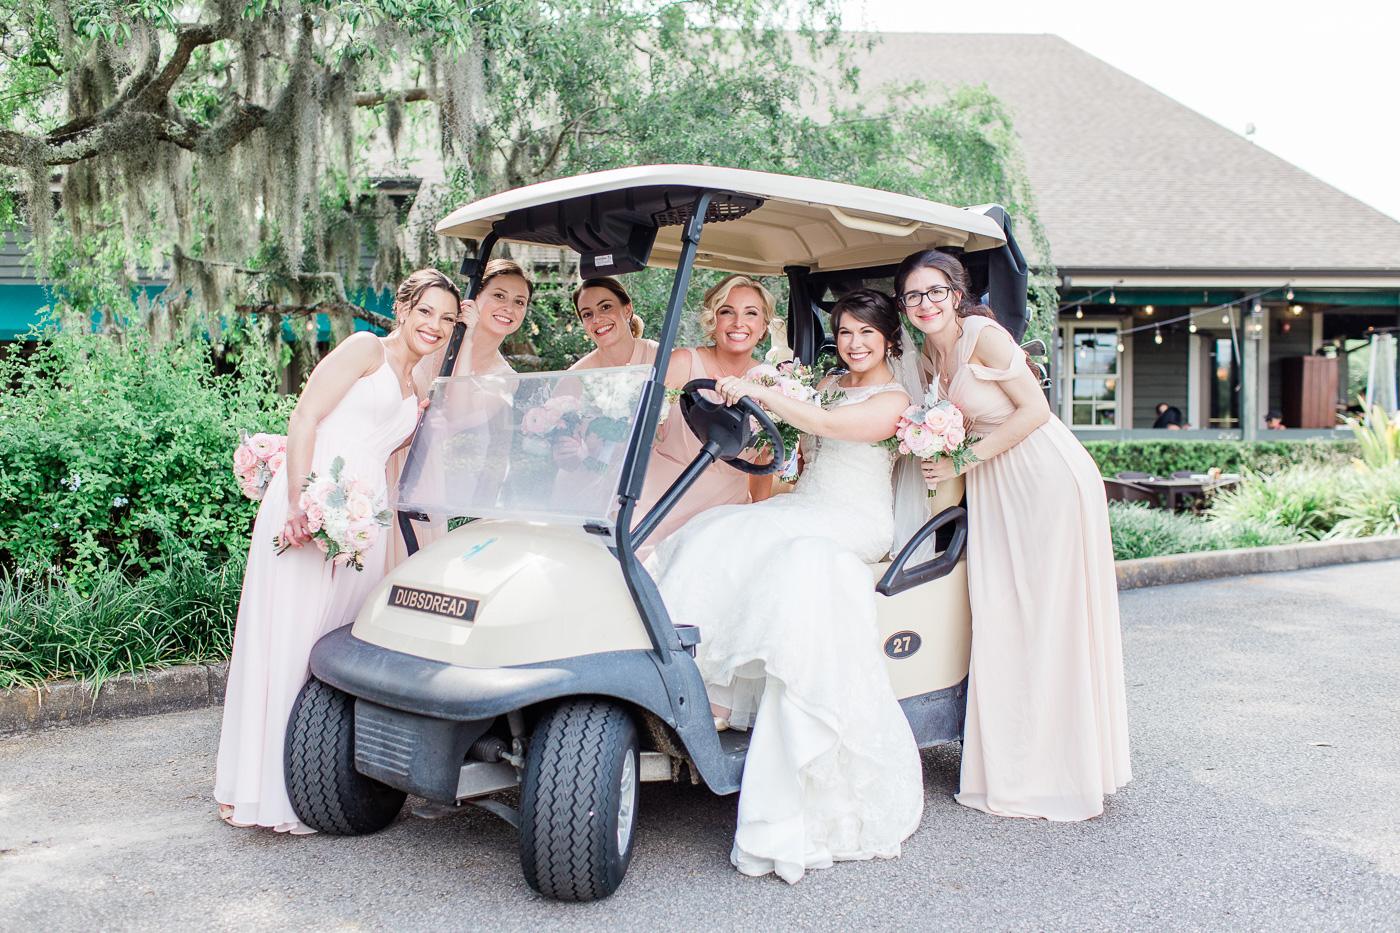 creative-bridal-party-photos-3.jpg